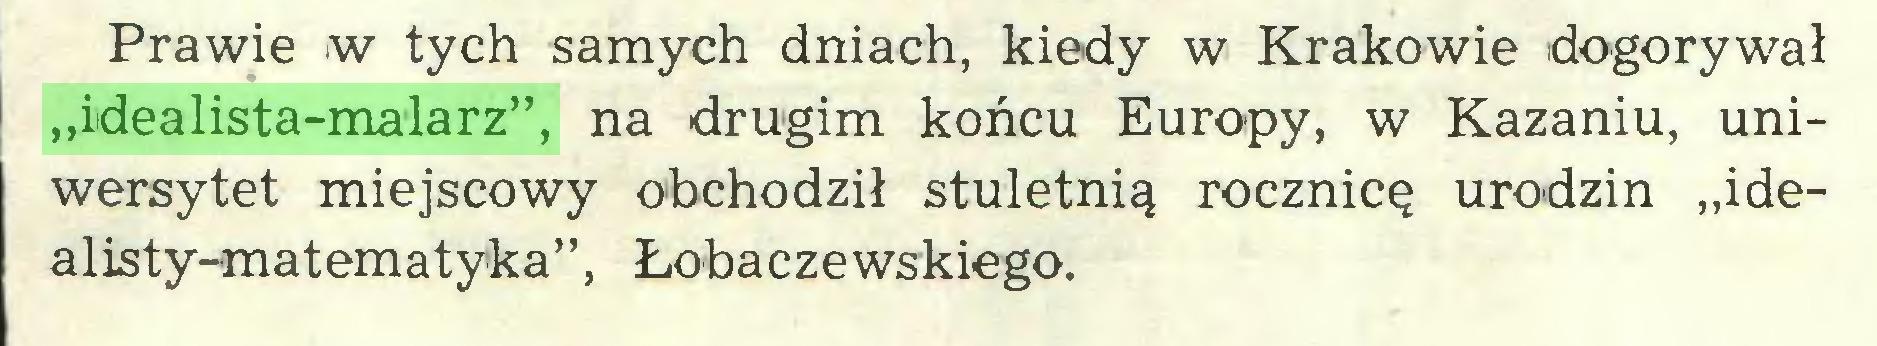 """(...) Prawie w tych samych dniach, kiedy w Krakowie dogorywał """"idealista-malarz"""", na drugim końcu Europy, w Kazaniu, uniwersytet miejscowy obchodził stuletnią rocznicę urodzin """"idealisty-matematyka"""", Łobaczewskiego..."""